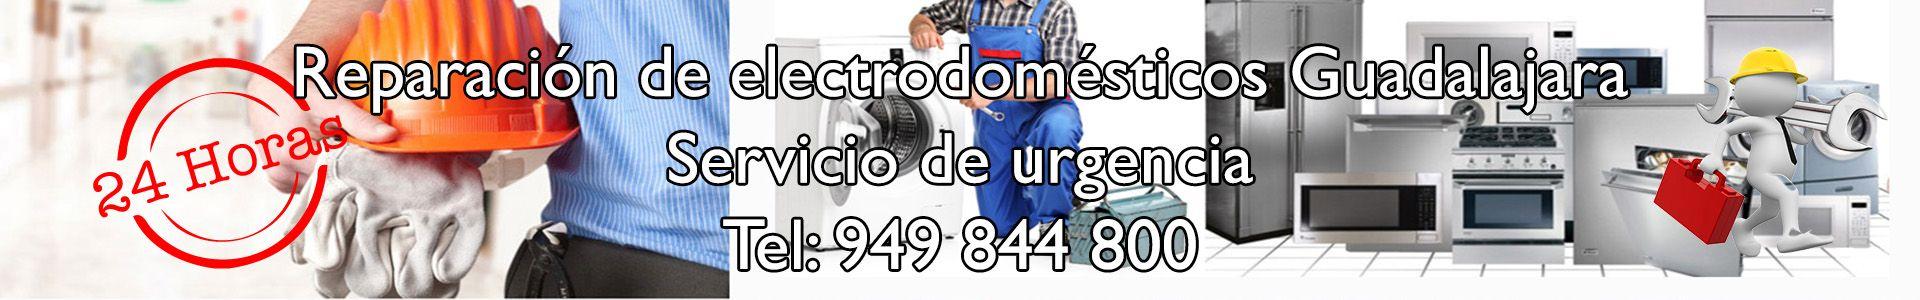 Reparación de Electrodomésticos Guadalajara